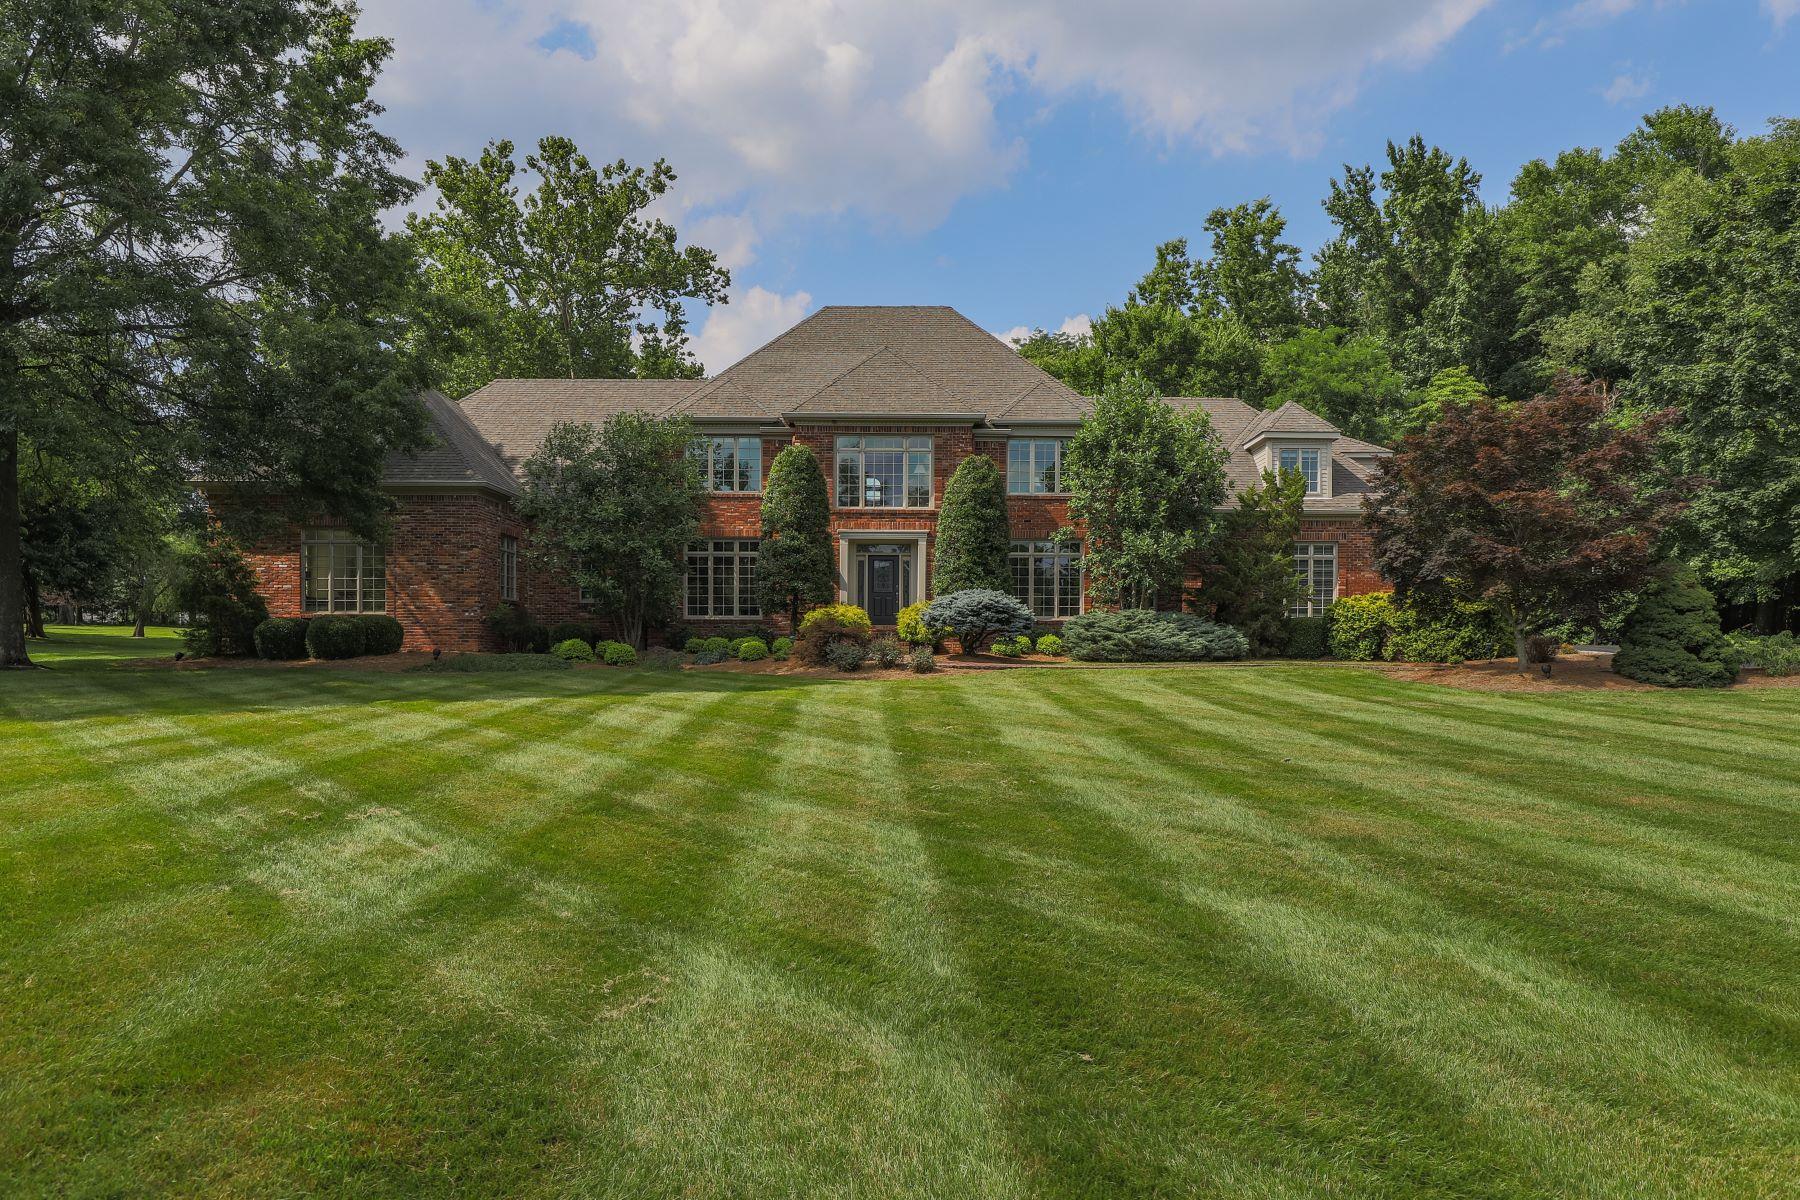 Single Family Homes für Verkauf beim Anchorage, Kentucky 40223 Vereinigte Staaten